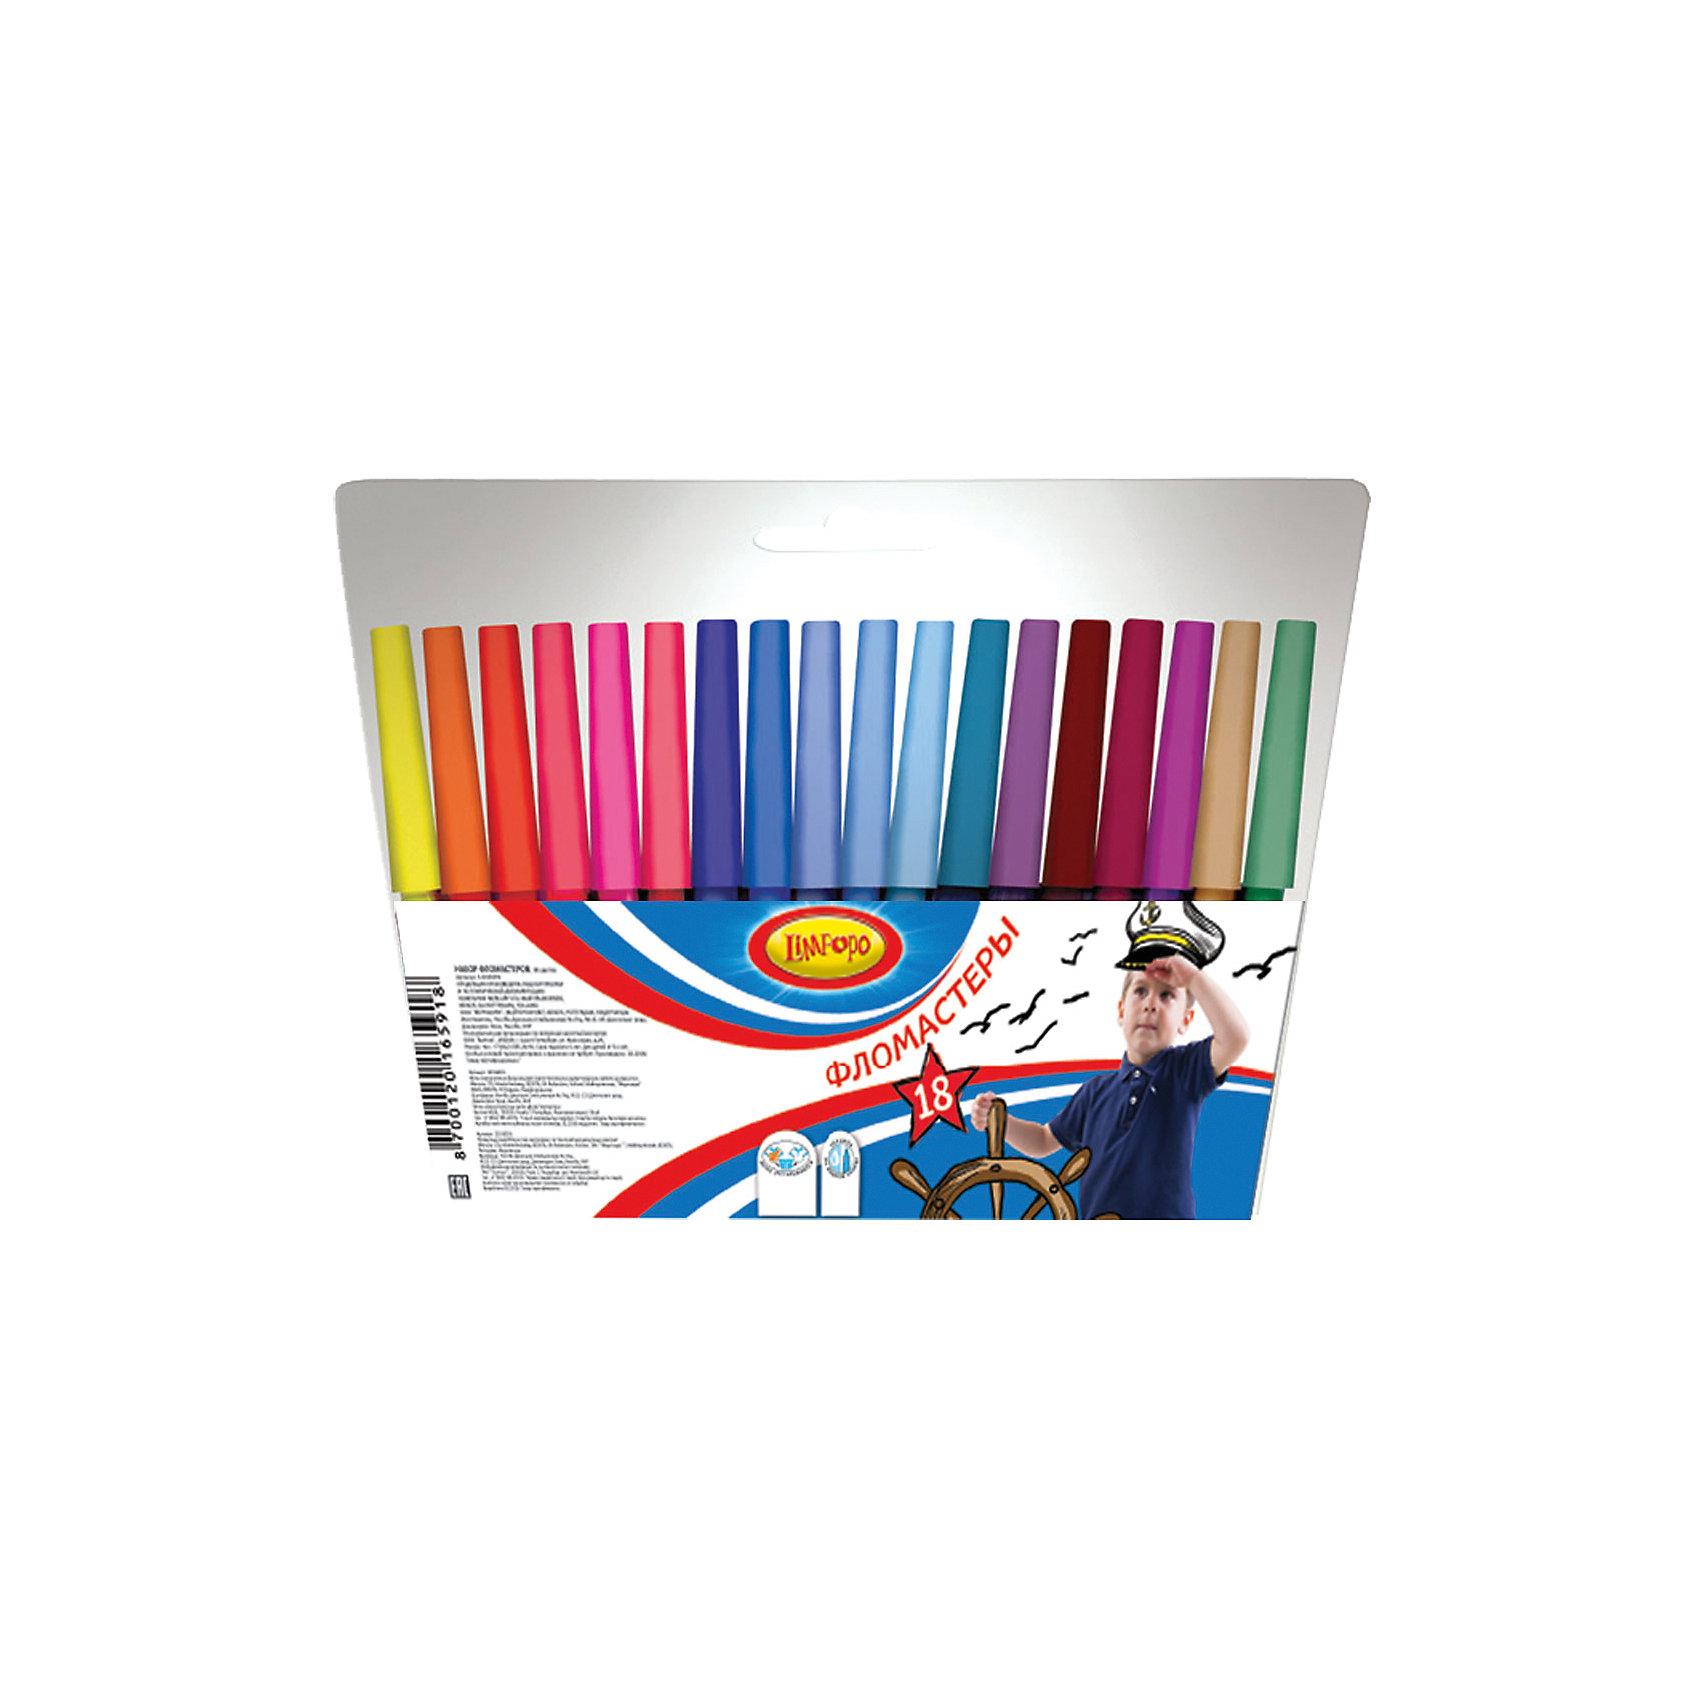 Фломастеры Супер-дети 18 цветовРисование<br>Фломастеры Супер-дети 18 цветов, Limpopo (Лимпопо)<br><br>Характеристики:<br><br>• безопасные чернила<br>• яркие цвета<br>• вентилируемый колпачок<br>• привлекательный дизайн упаковки<br>• в комплекте: 18 фломастеров<br>• размер упаковки: 16х15,4х0,9 см<br>• вес: 90 грамм<br><br>Каждый ребенок любит рисовать фломастерами, ведь они очень яркие и удобные. Набор фломастеров Супер-дети создан специально для поклонников рисования. В комплект входят 18 фломастеров ярких цветов. Чернила экологические и безопасные для ребенка. Вентилируемый колпачок препятствует быстрому высыханию. С этим набором у малыша получатся самые красивые рисунки!<br><br>Фломастеры Супер-дети 18 цветов, Limpopo (Лимпопо) вы можете купить в нашем интернет-магазине.<br><br>Ширина мм: 9<br>Глубина мм: 154<br>Высота мм: 160<br>Вес г: 90<br>Возраст от месяцев: 48<br>Возраст до месяцев: 144<br>Пол: Унисекс<br>Возраст: Детский<br>SKU: 5390293